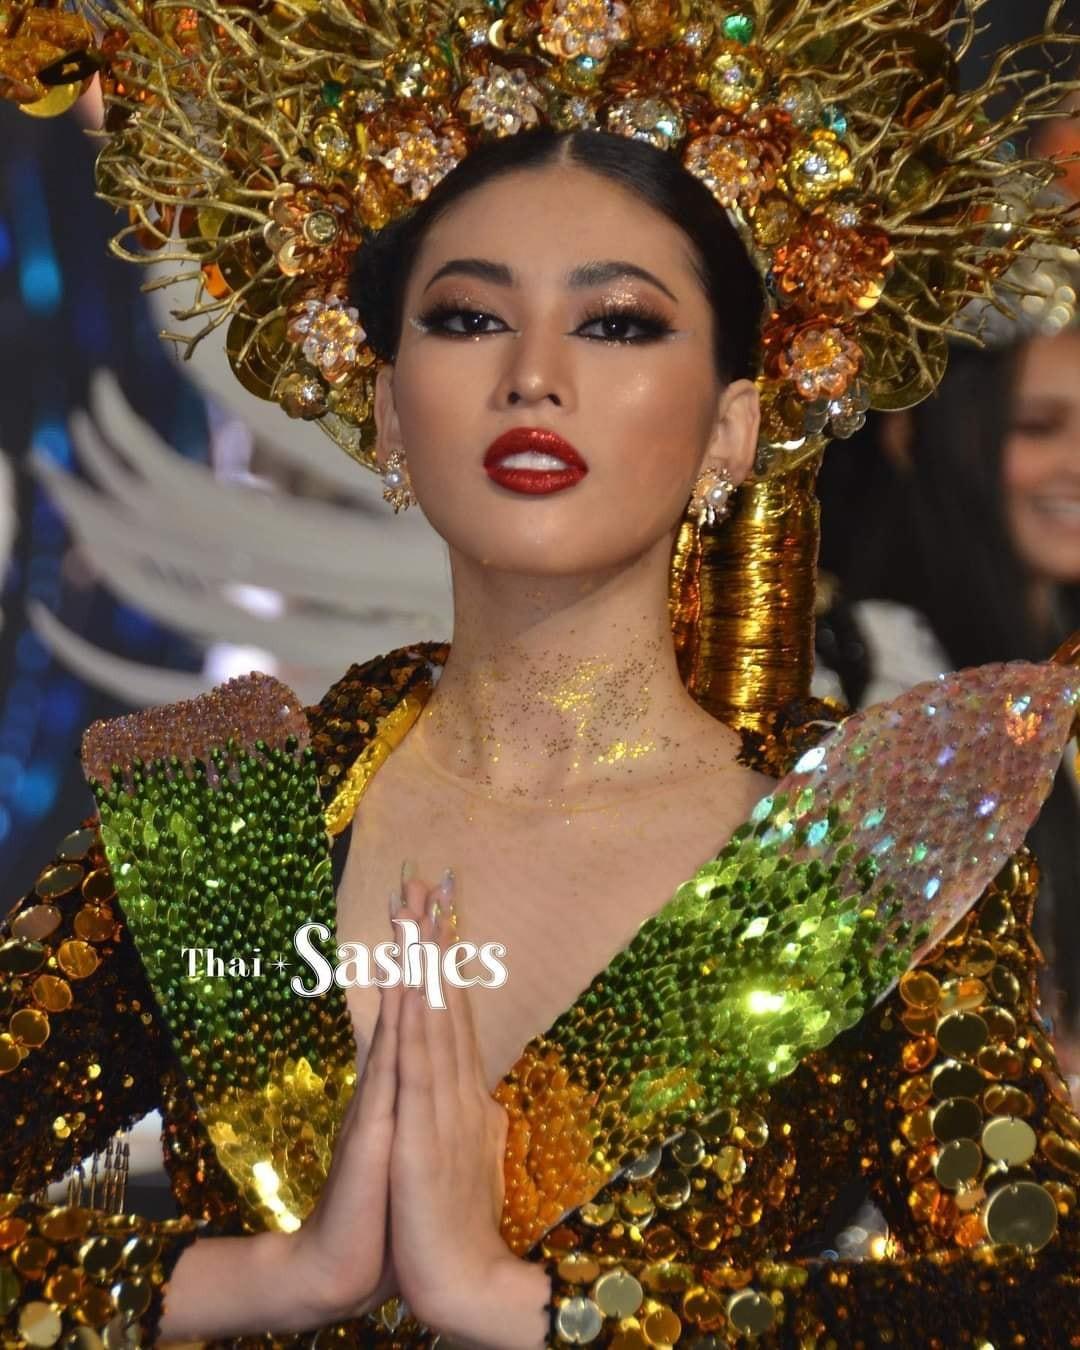 Thần thái 'Lá ngọc cành vàng' kiêu sa của Ngọc Thảo qua ống kính phóng viên quốc tế ảnh 11